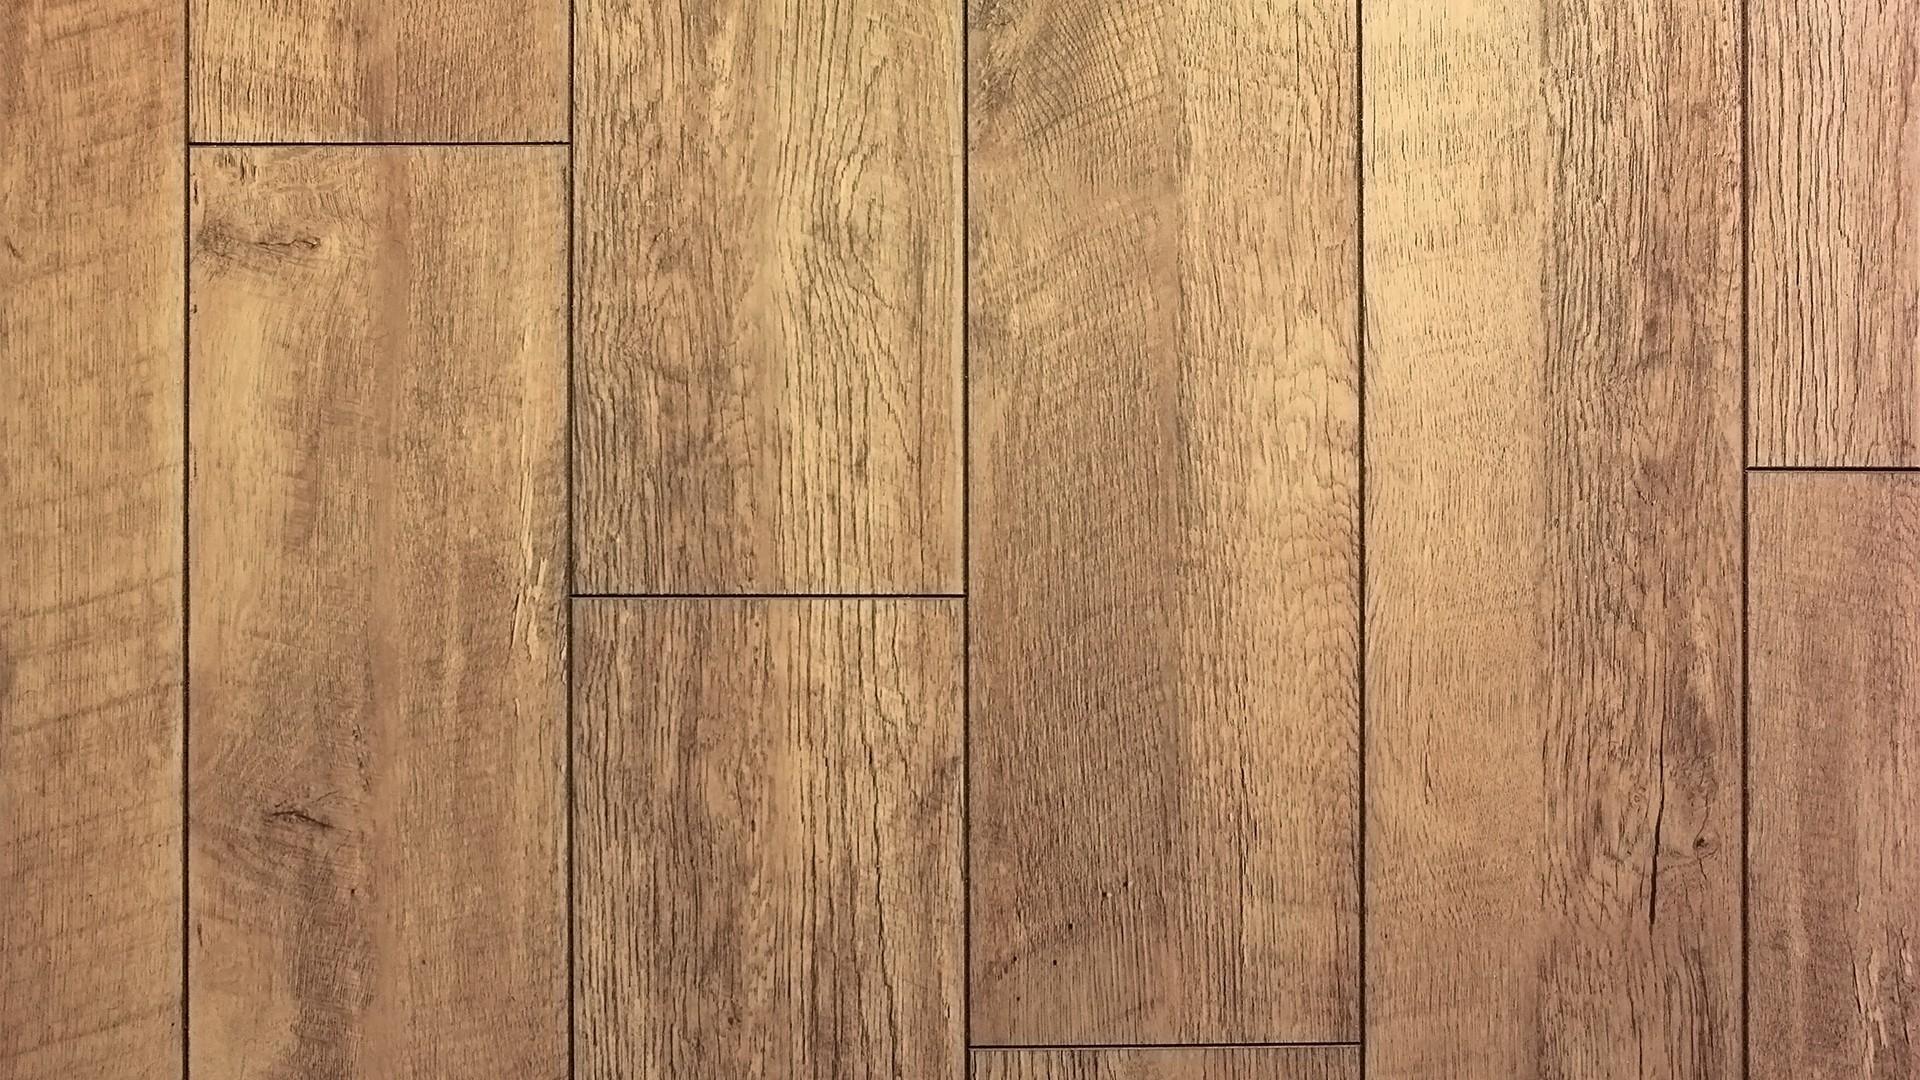 Assi Di Legno Hd : Sfondi legno immagini